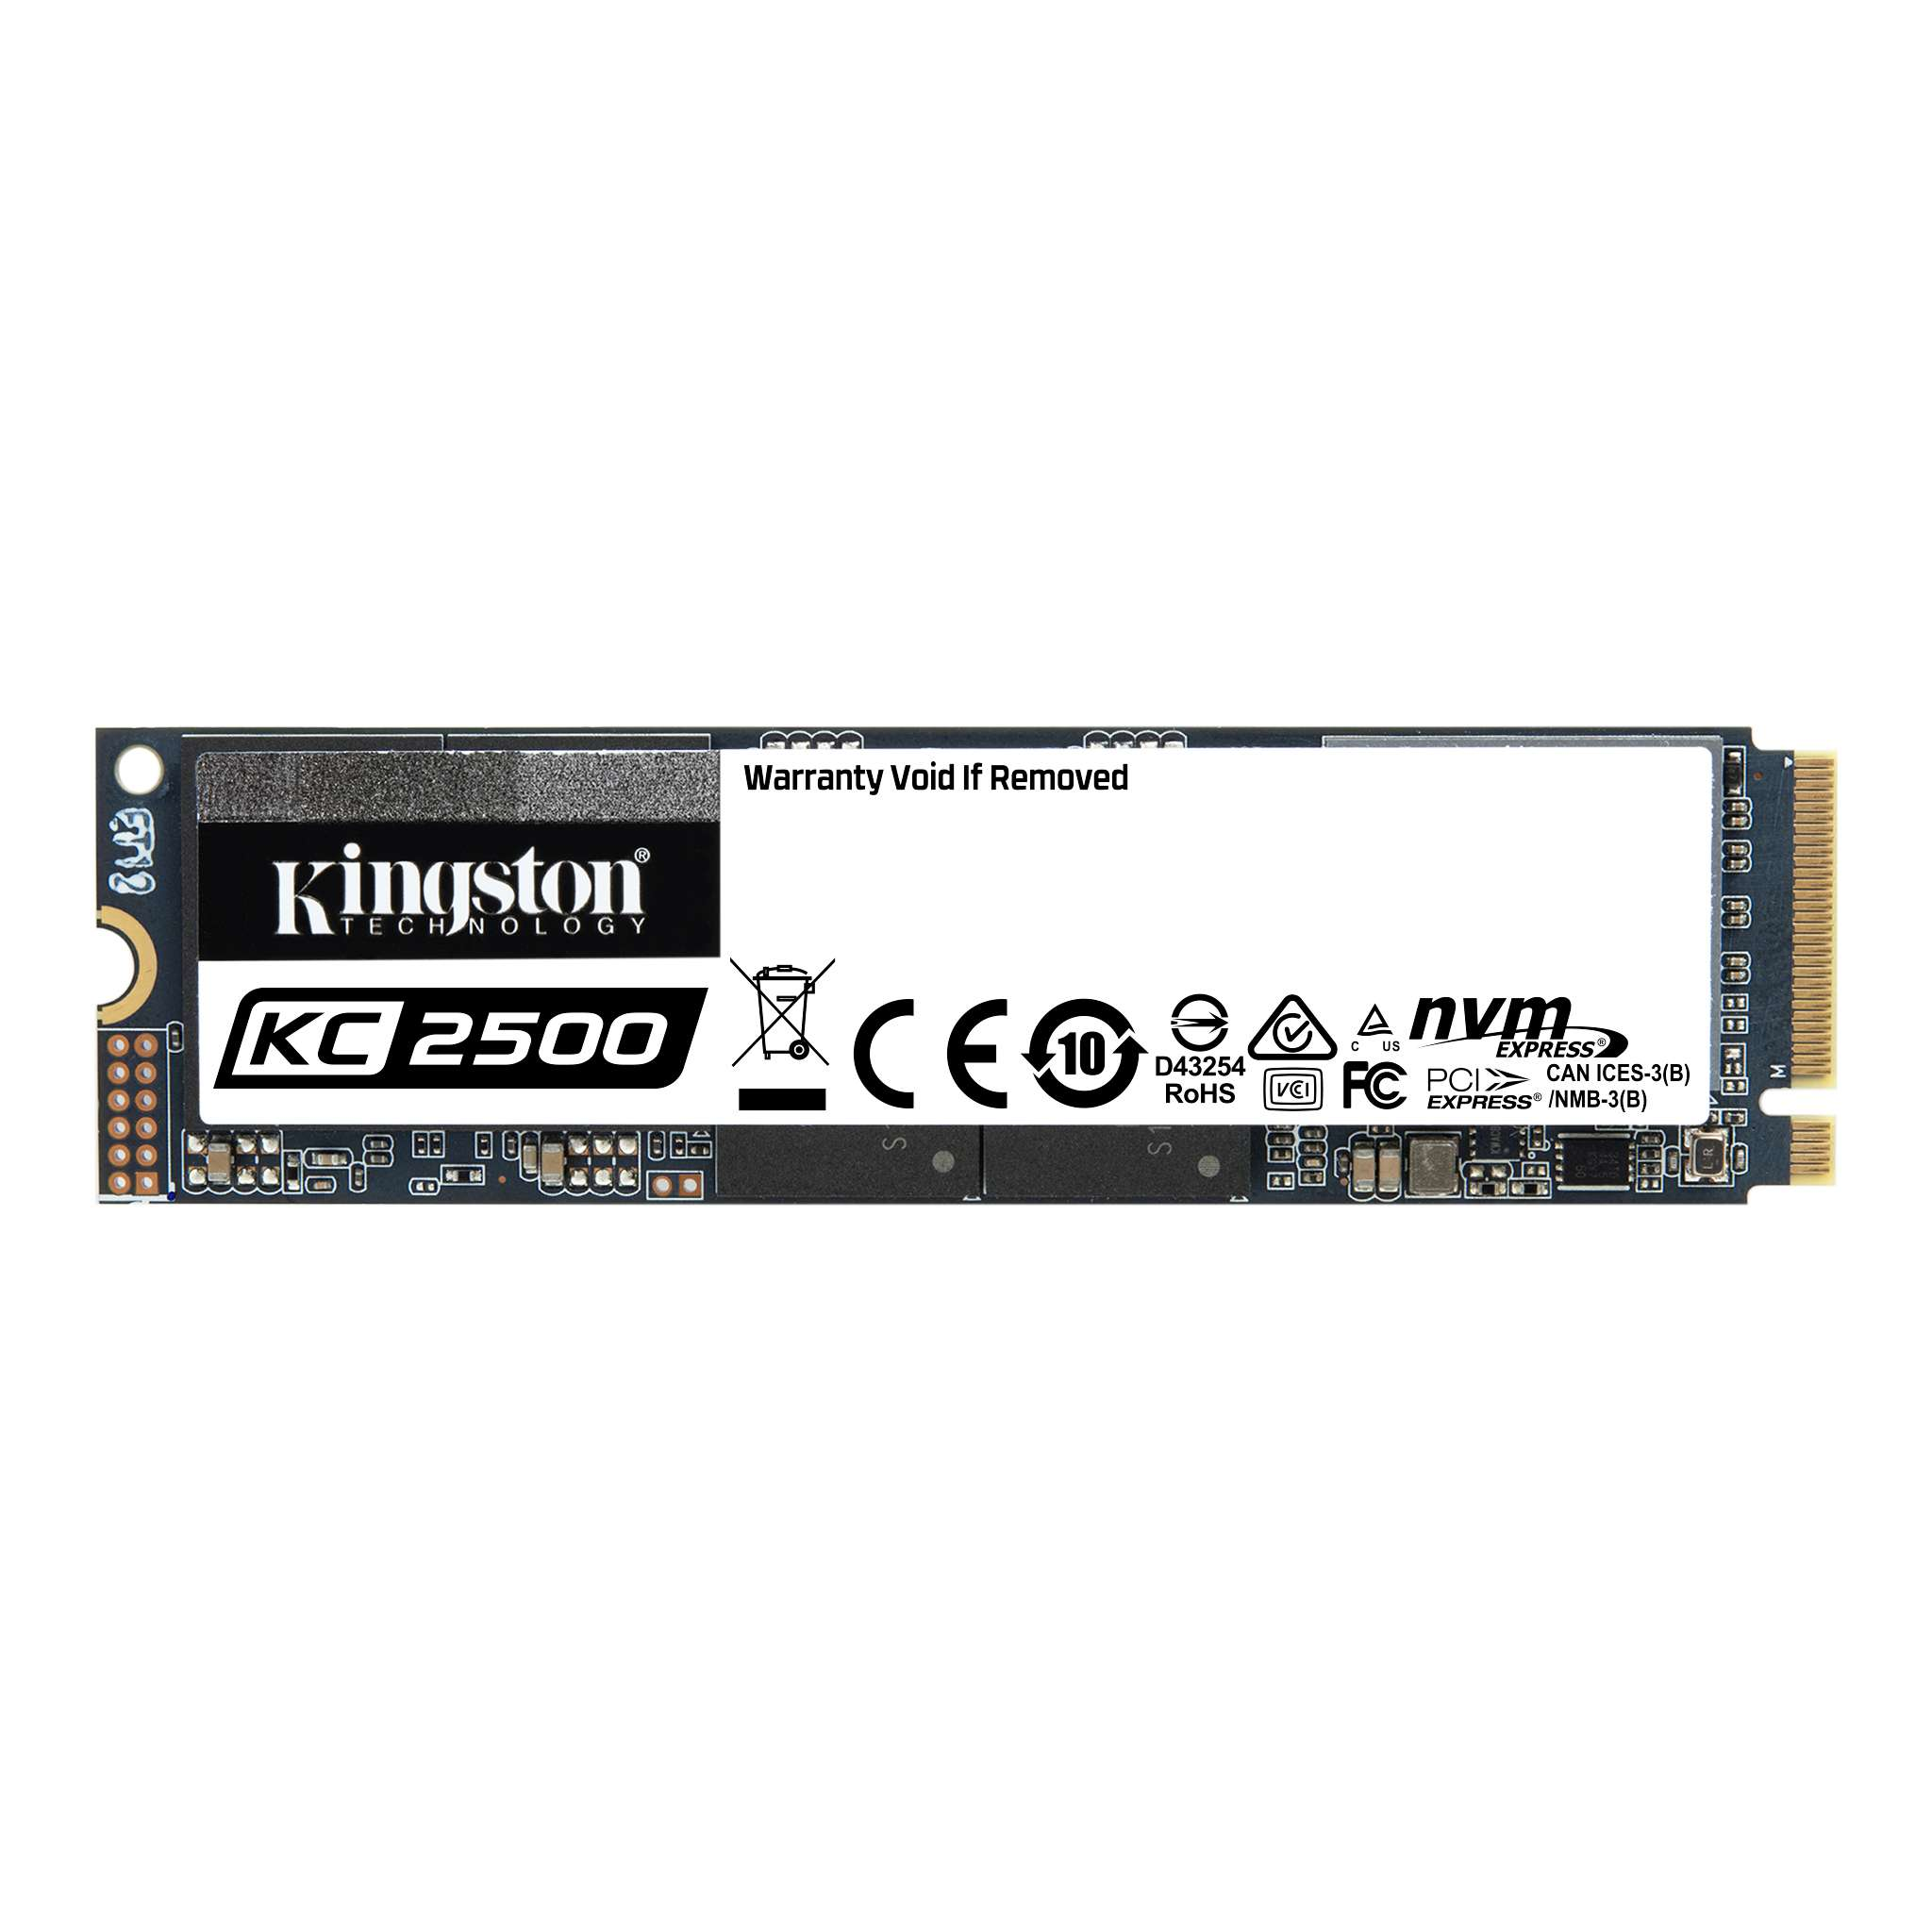 1000GB SSD KC2500 Kingston M.2 2280 NVMe